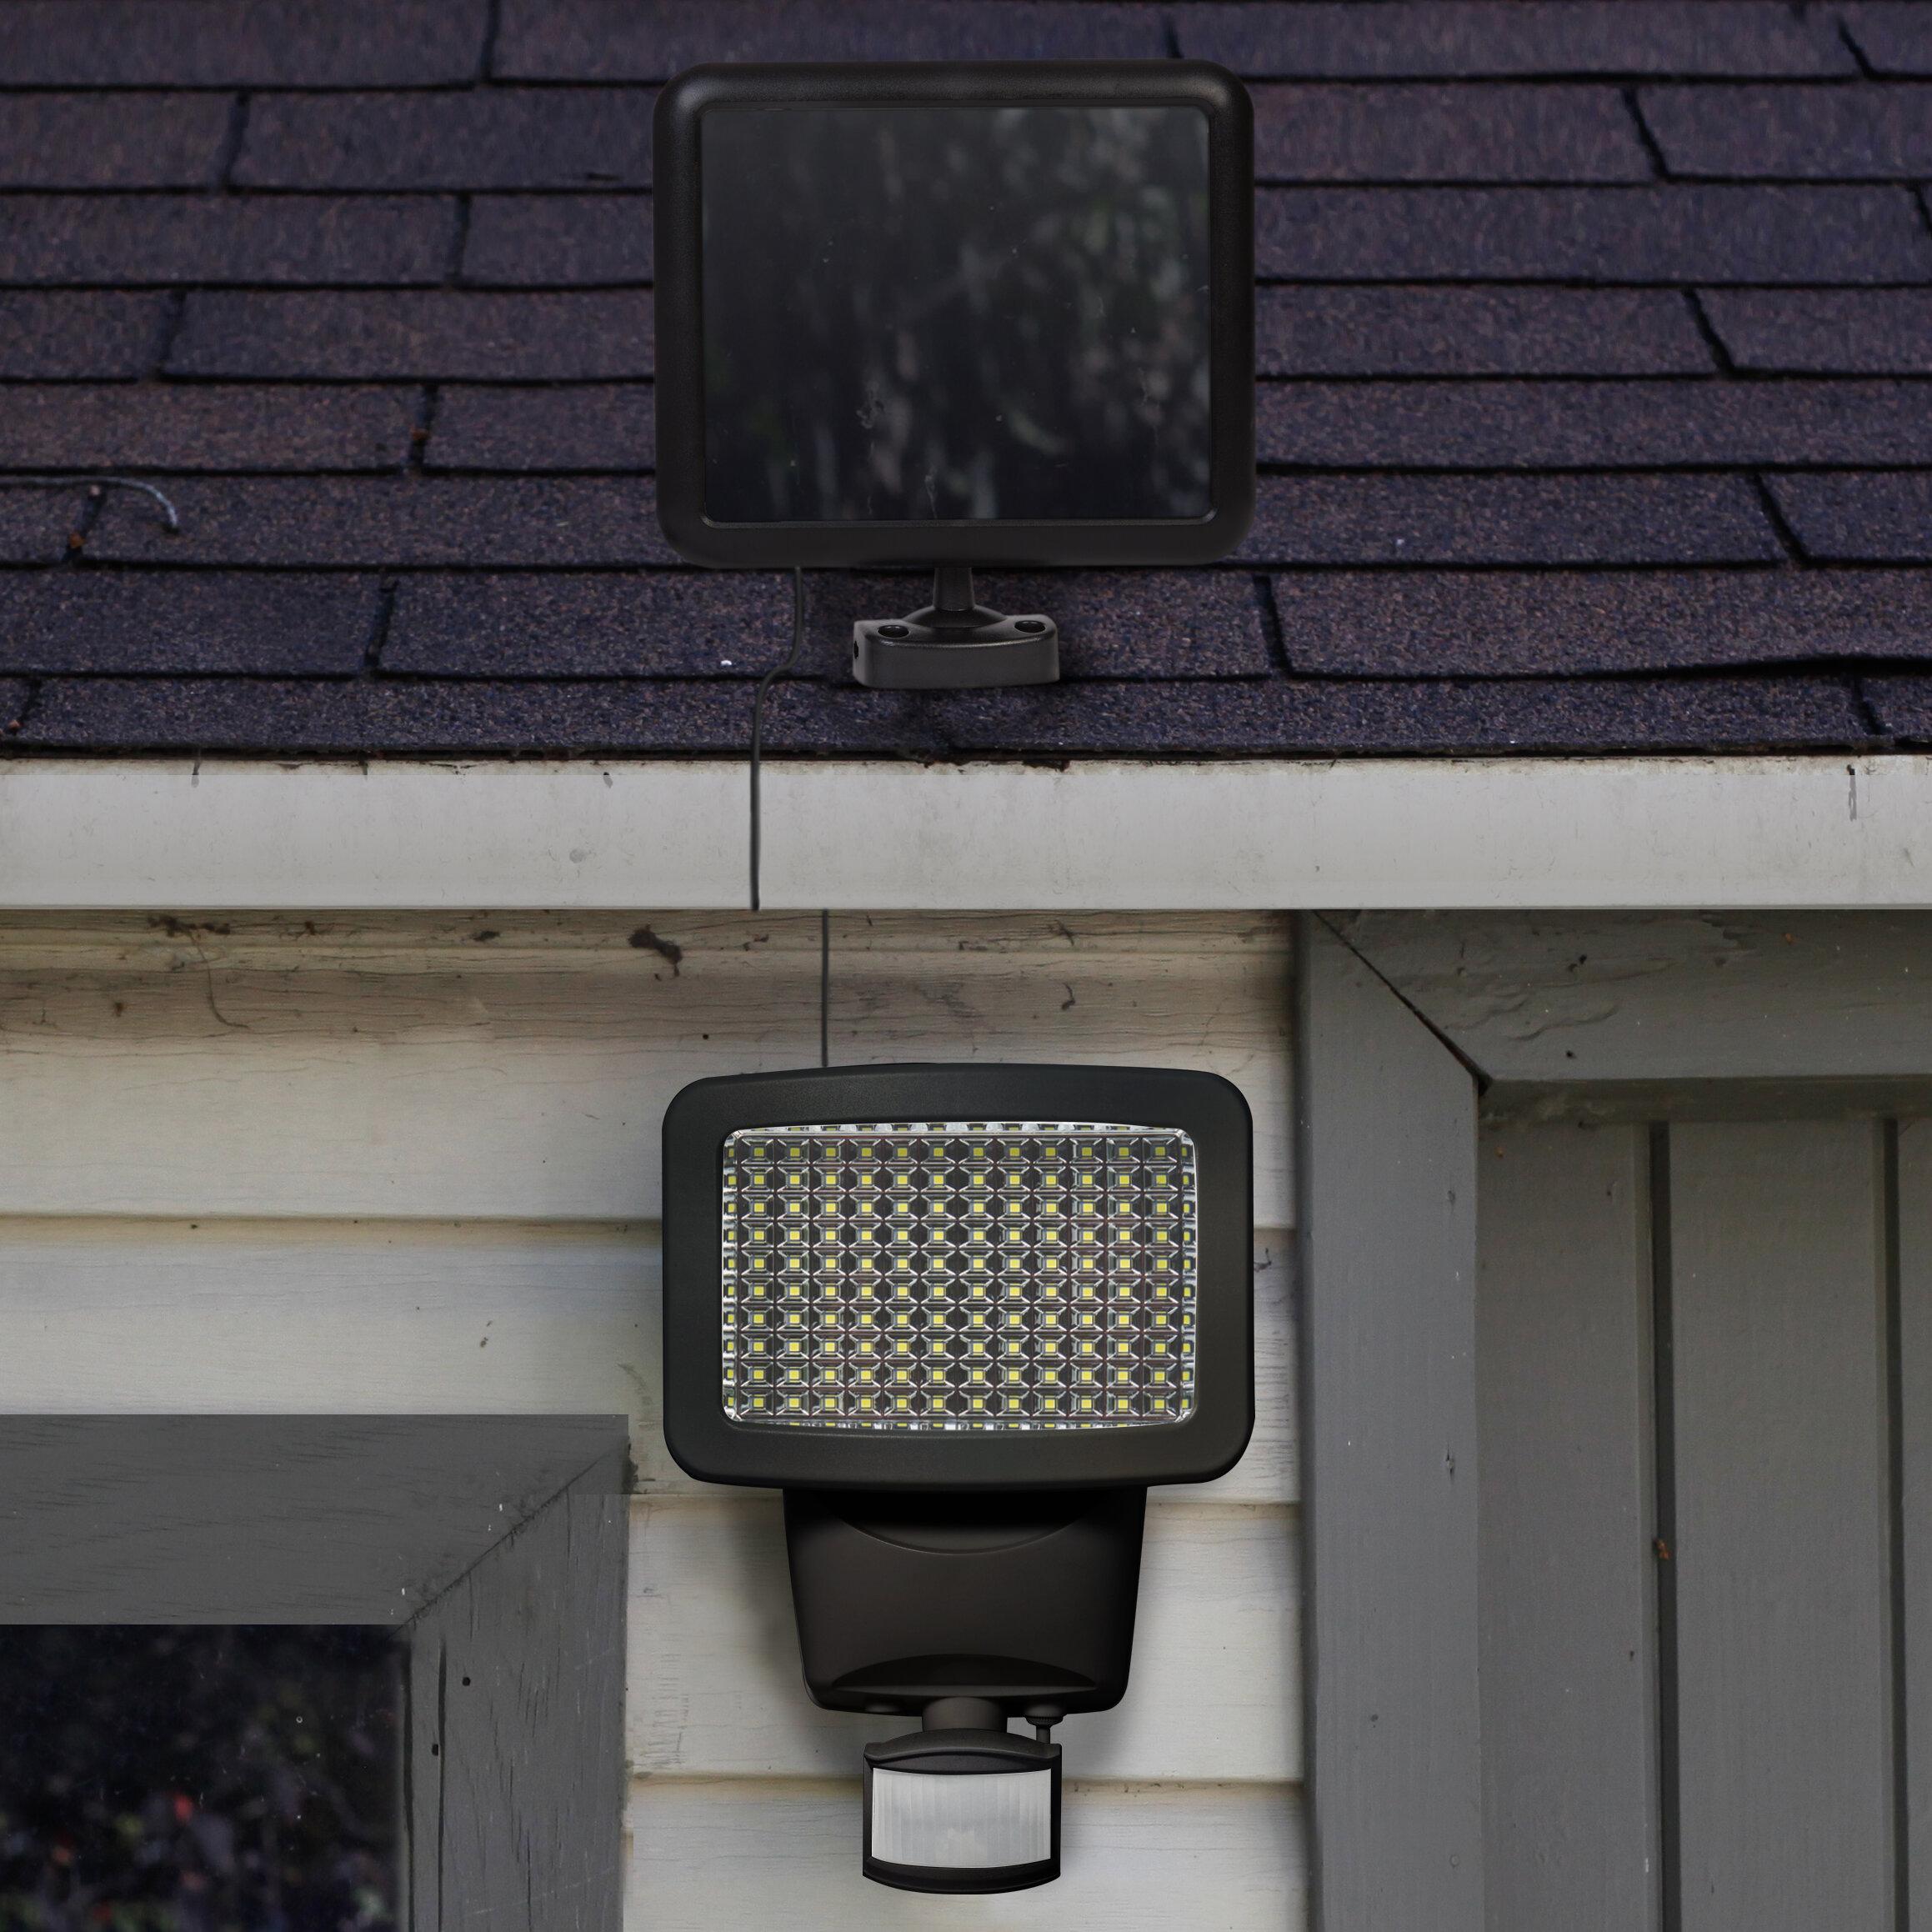 2 Solar Gutter Lights Driveway Doorway Pathway Patio Garden Balconies Security